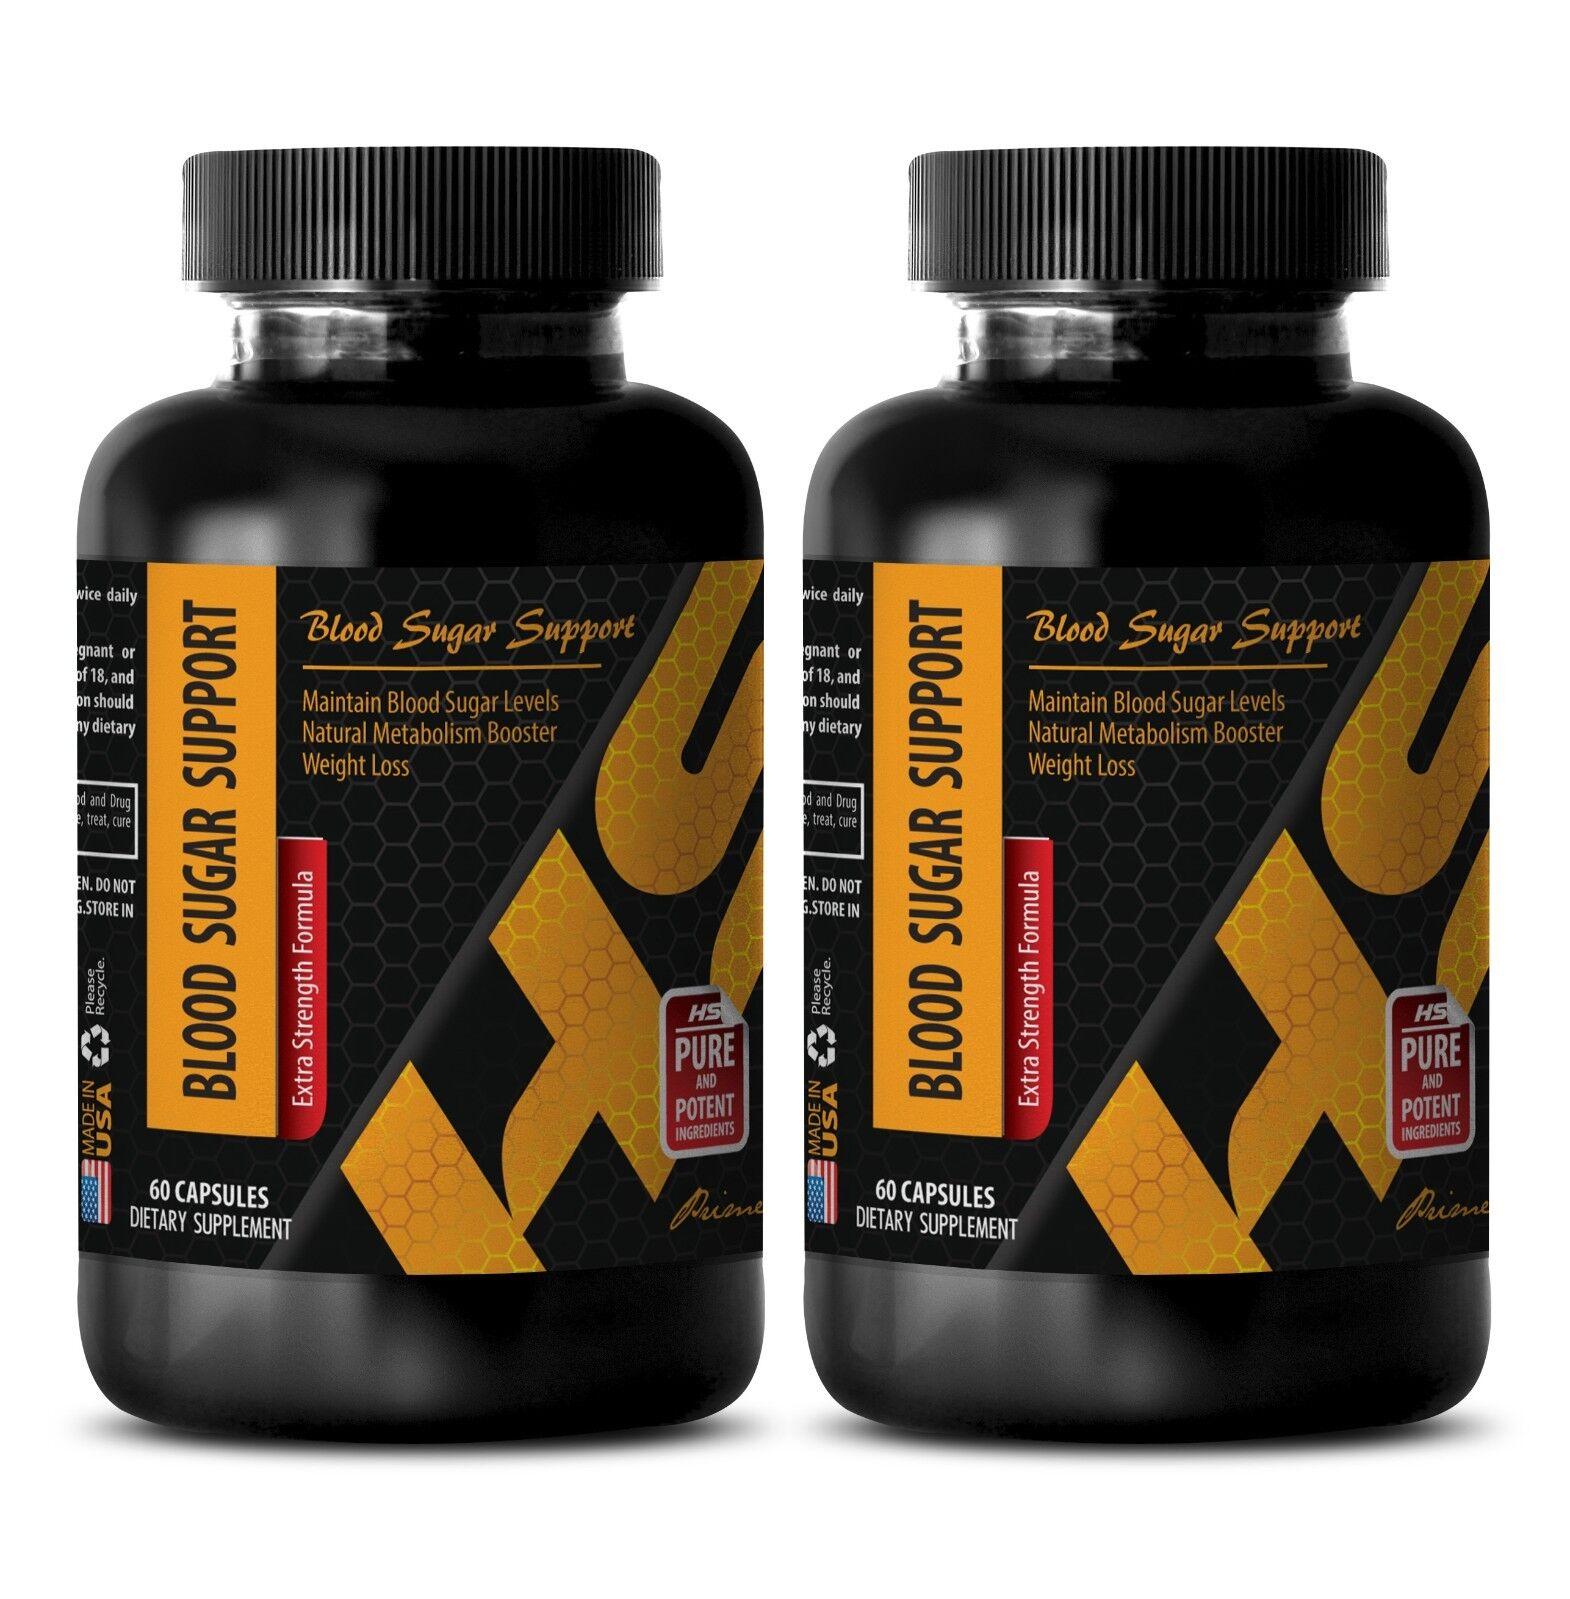 Weight management fiber powder - BLOOD SUGAR SUPPORT 2B - blood sugar